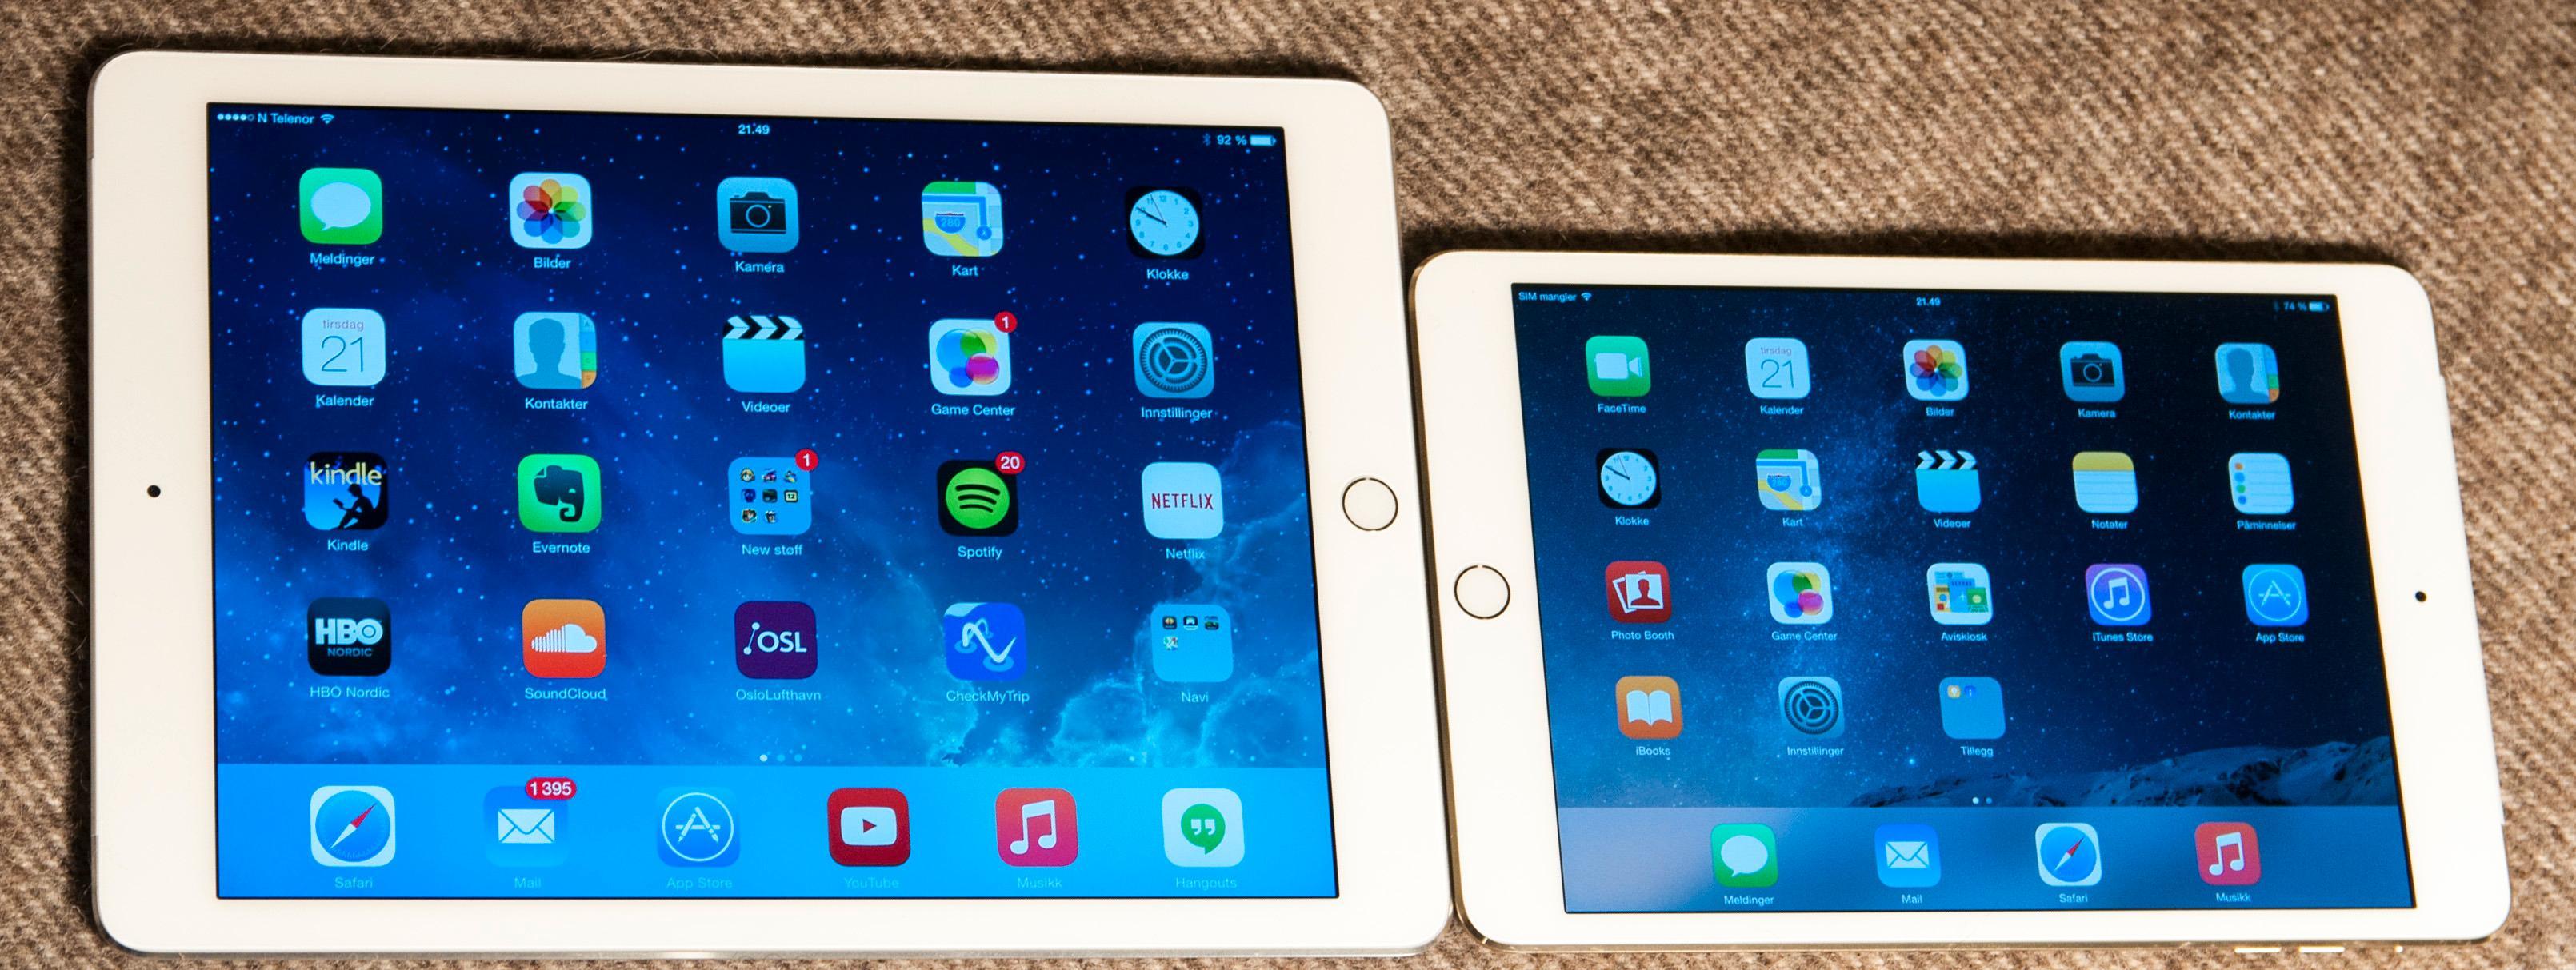 iPad Air 2 er det eneste virkelig nye nettbrettet fra Apple i år. iPad Mini 3 er i praksis forrige utgave med Touch ID-sensor lagt til.Foto: Finn Jarle Kvalheim, Tek.no